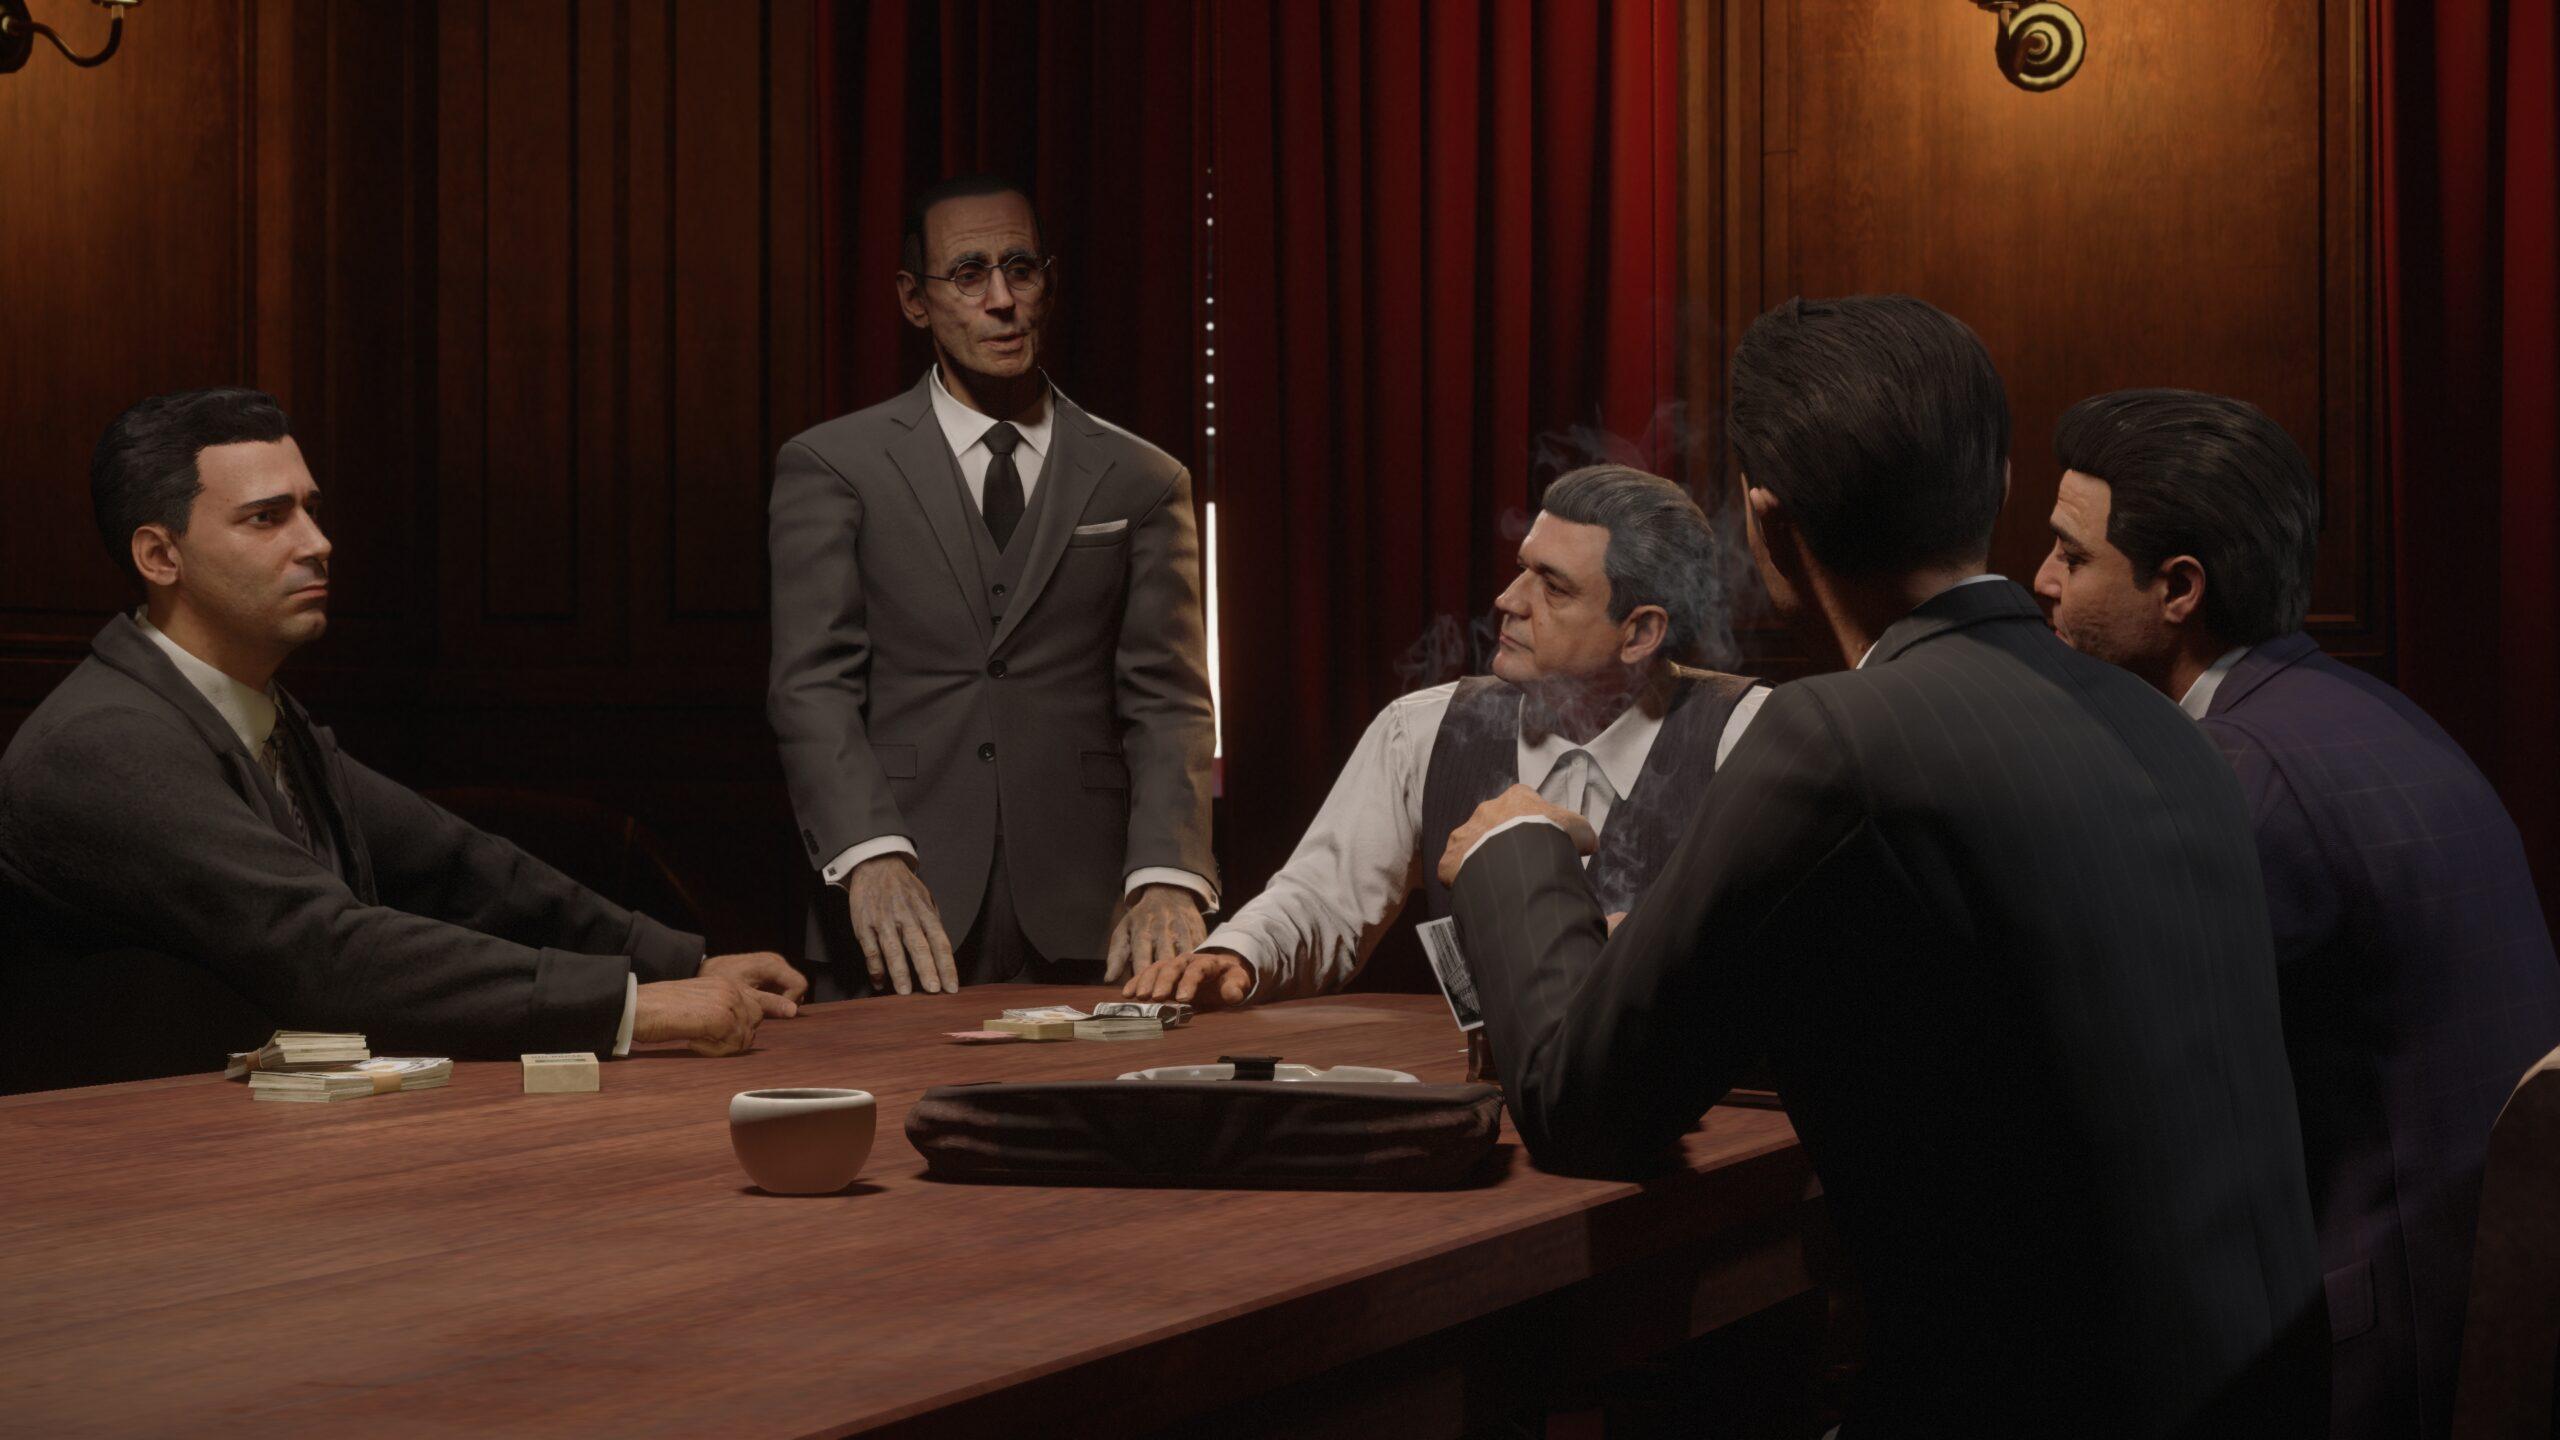 Mafia Definitive Edition Screen 2